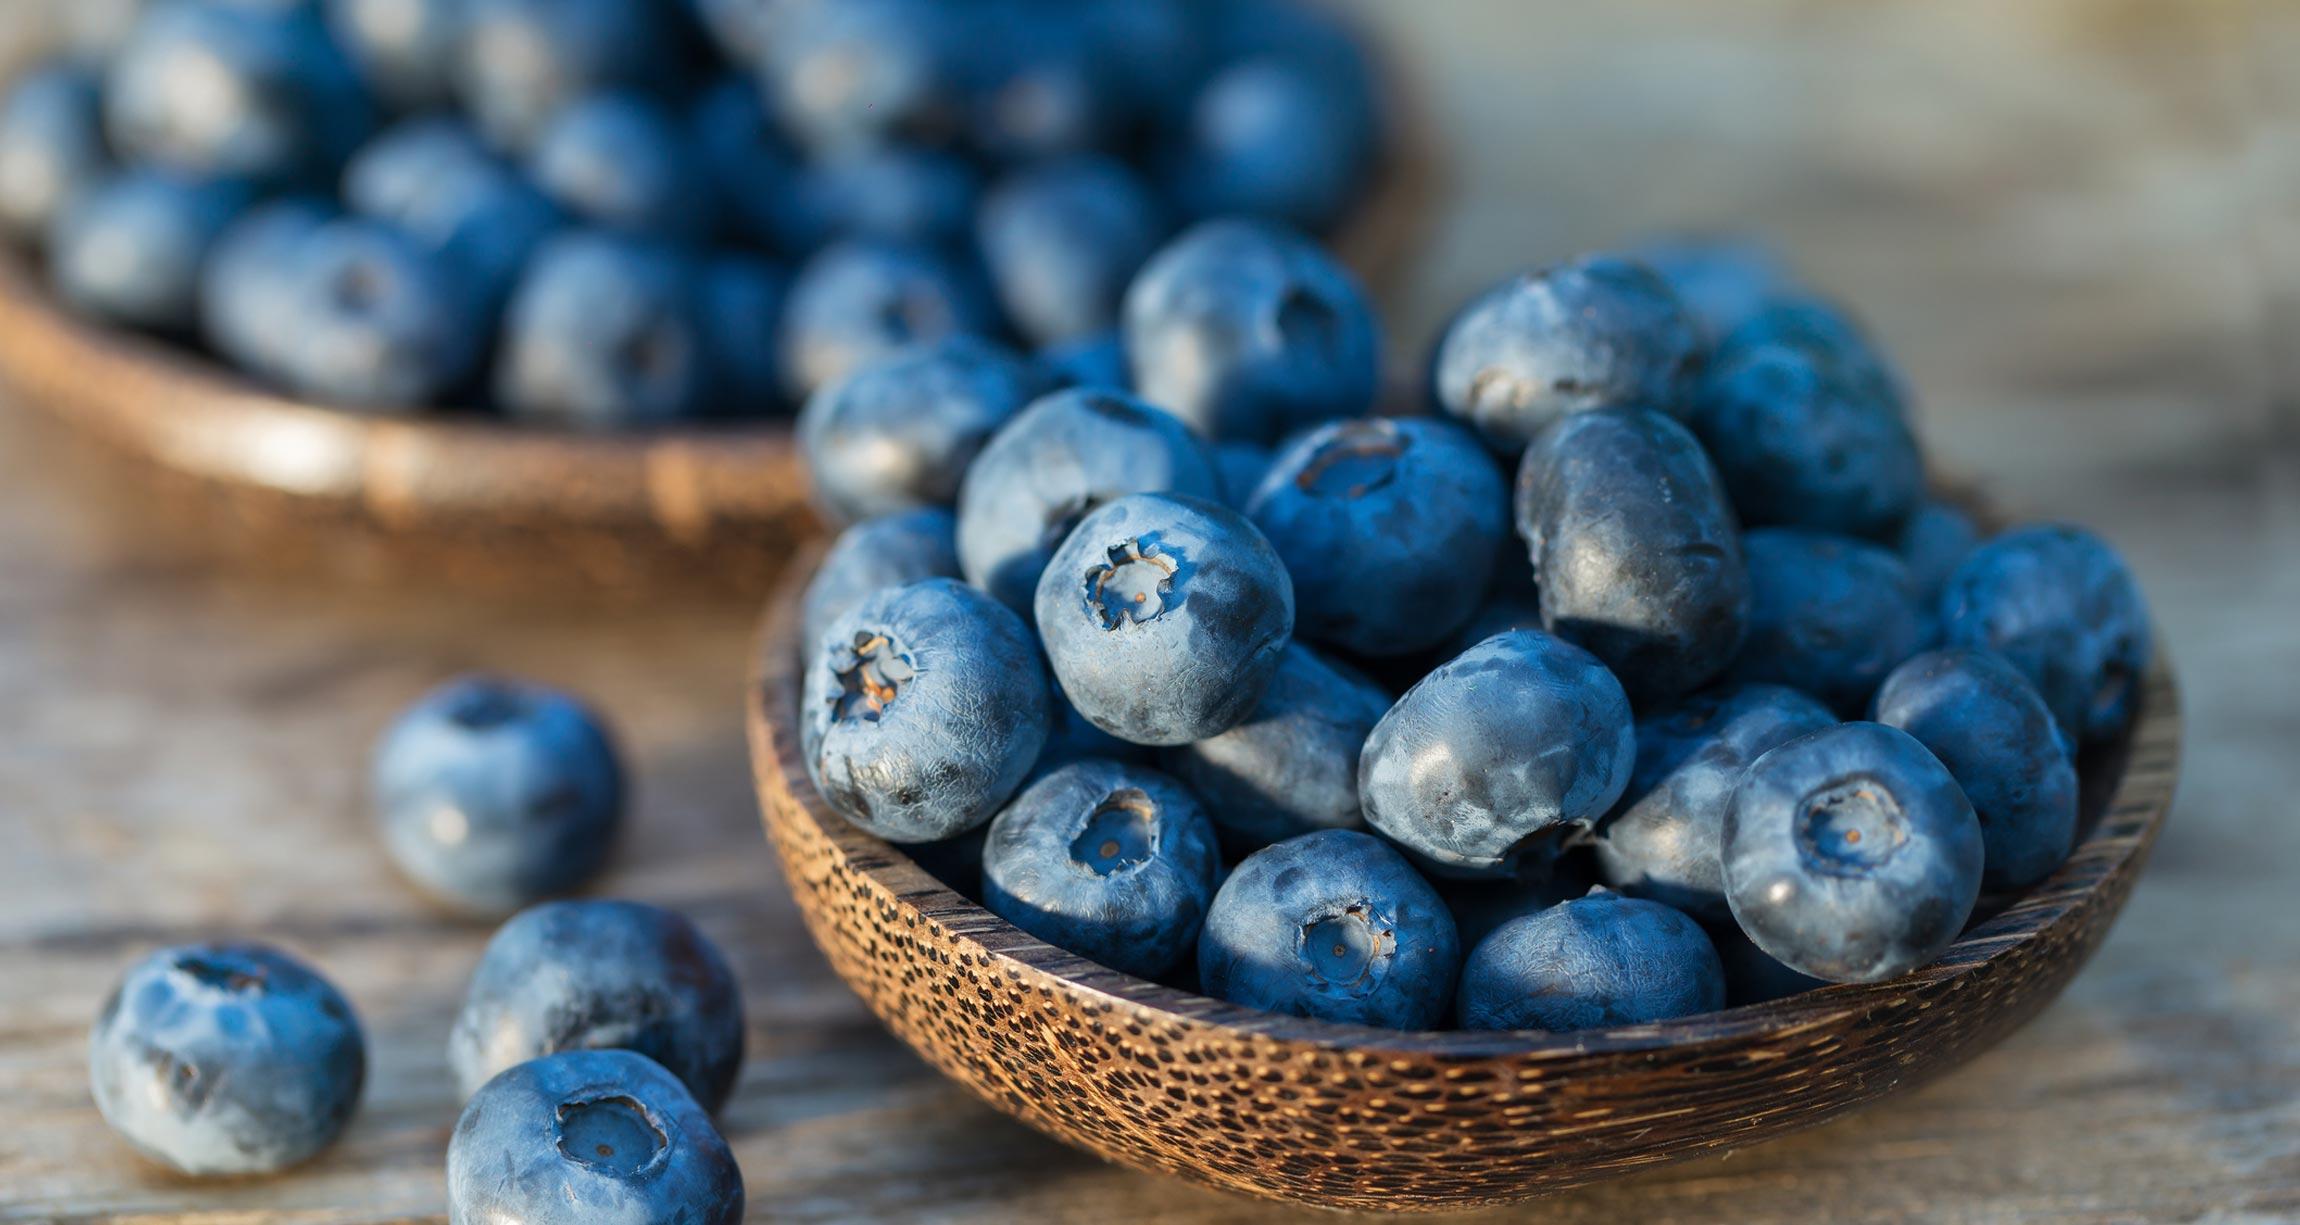 Yaban Mersinli Chia Tohumlu Kolay Sağlıklı Reçel Tarifi